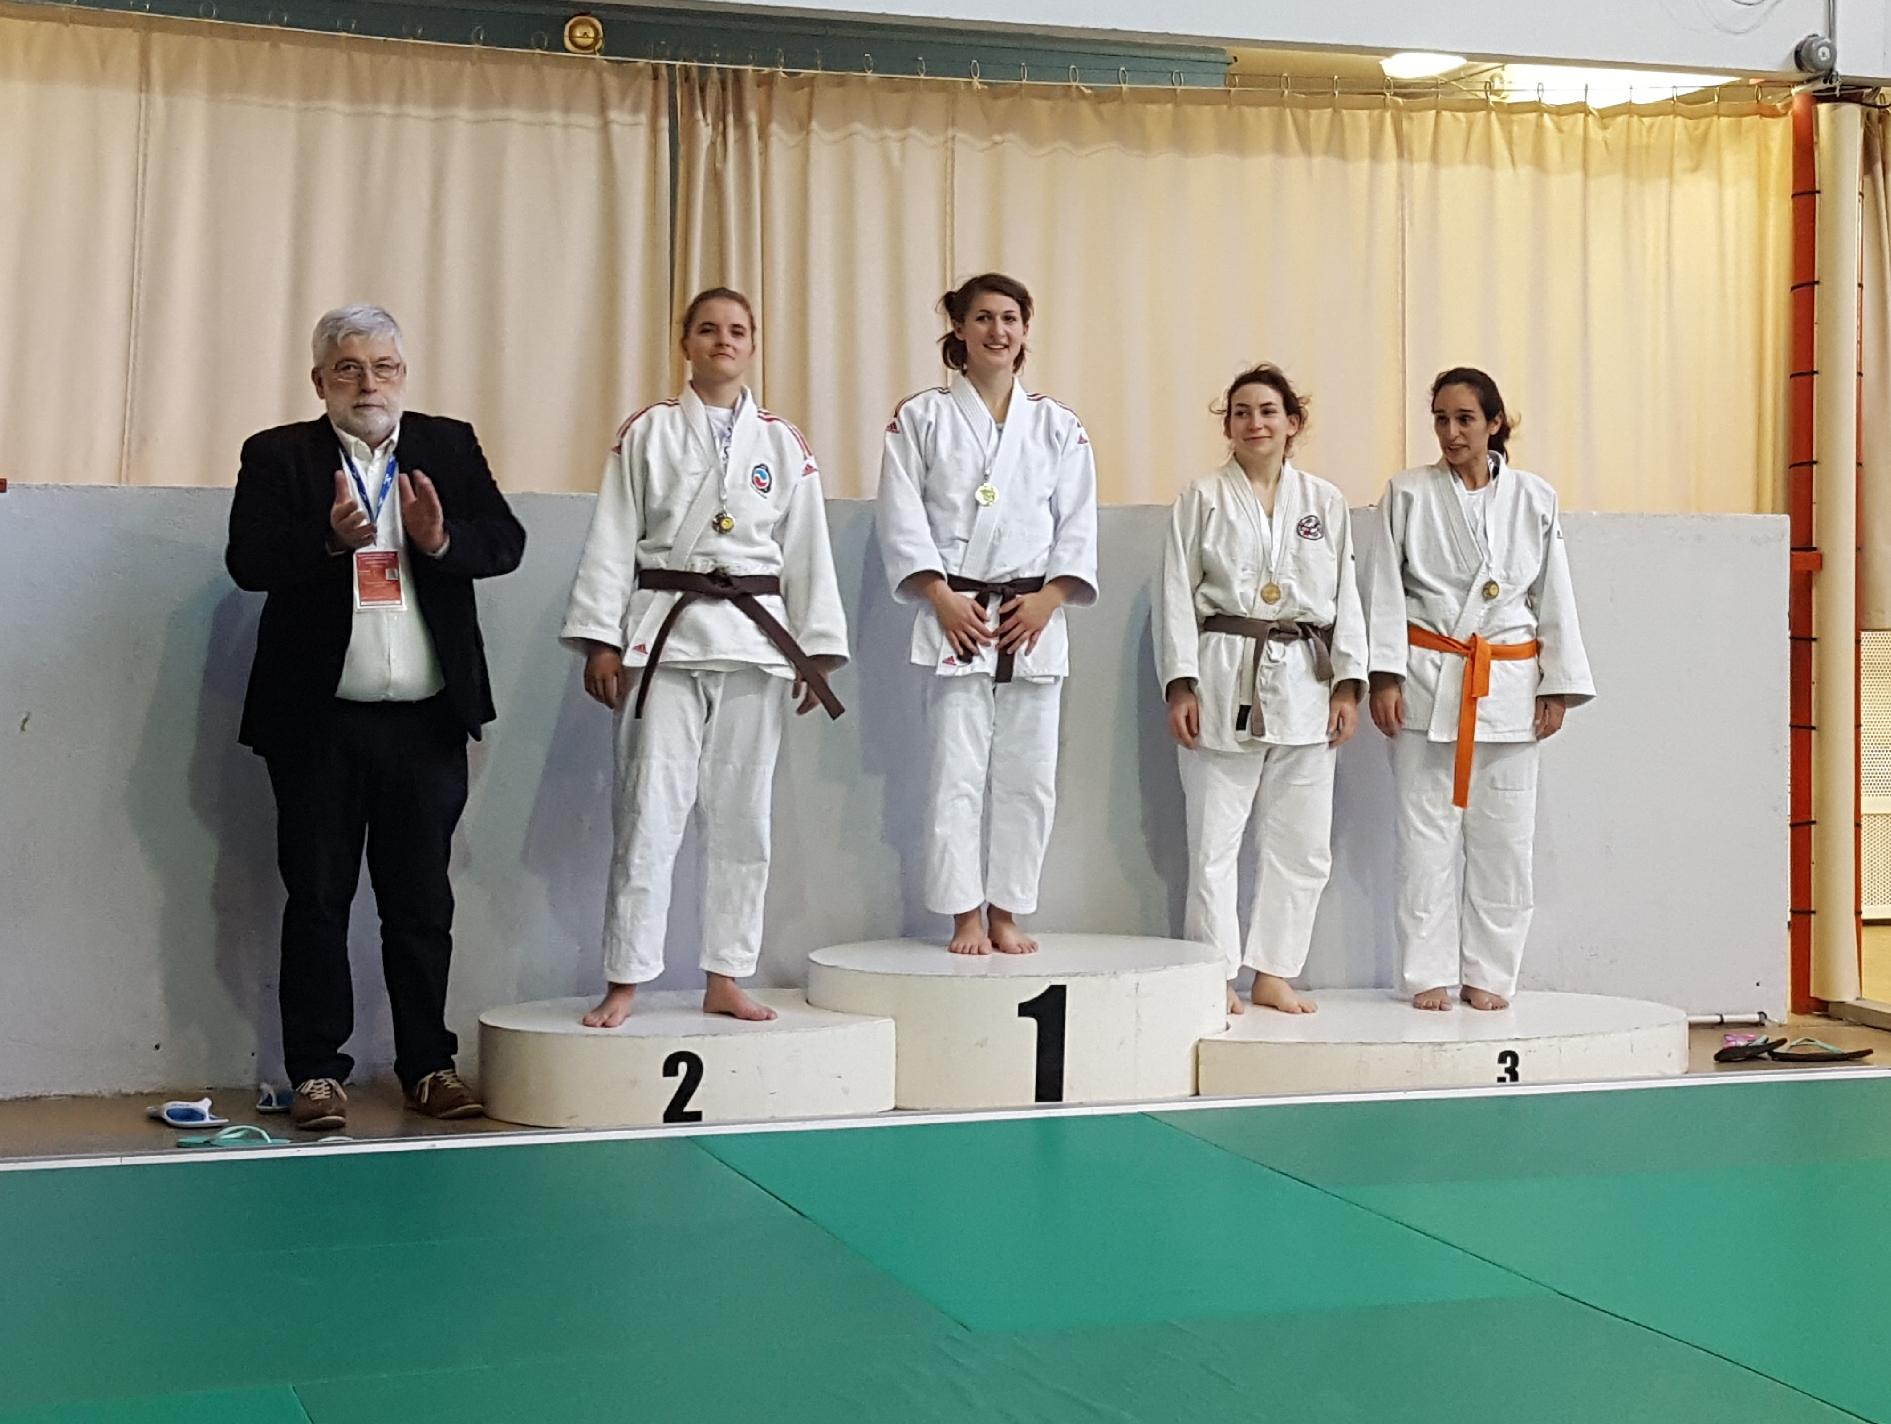 belles chaussures Prix usine 2019 pas cher à vendre Grand prix régional judo ceintures de couleurs Toulouse ...